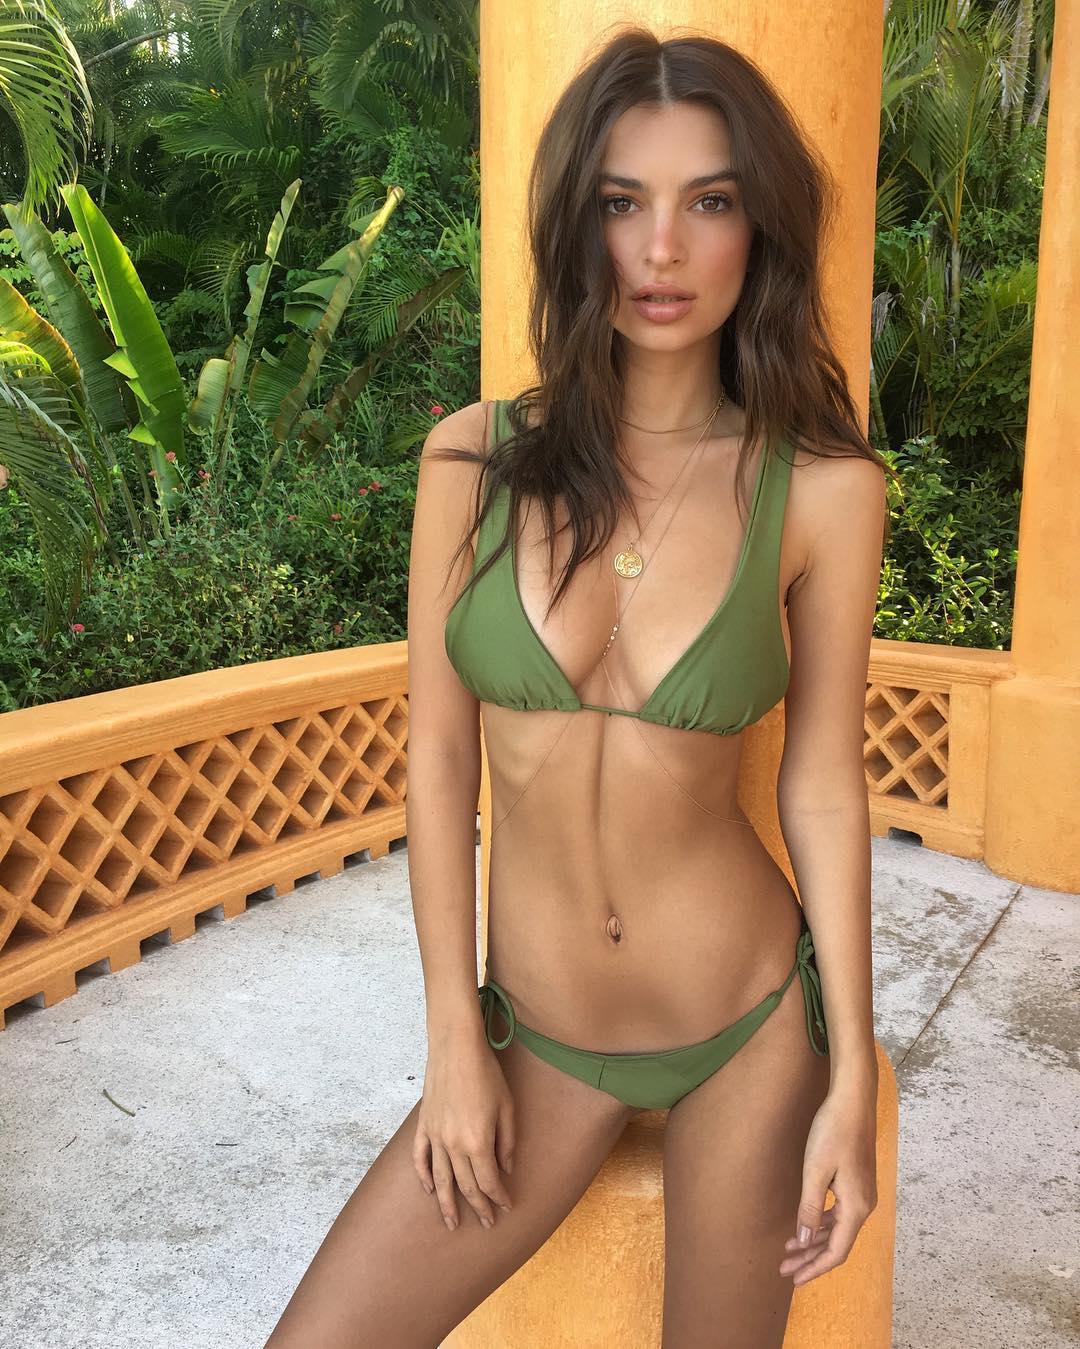 Başarılı ve güzel model Emily Ratajkowski sexy yeşil bikinisi ile paylaştığı cesur pozlar yürek hoplattı. HD foto galeriyi görüntülemek için tıklayın.